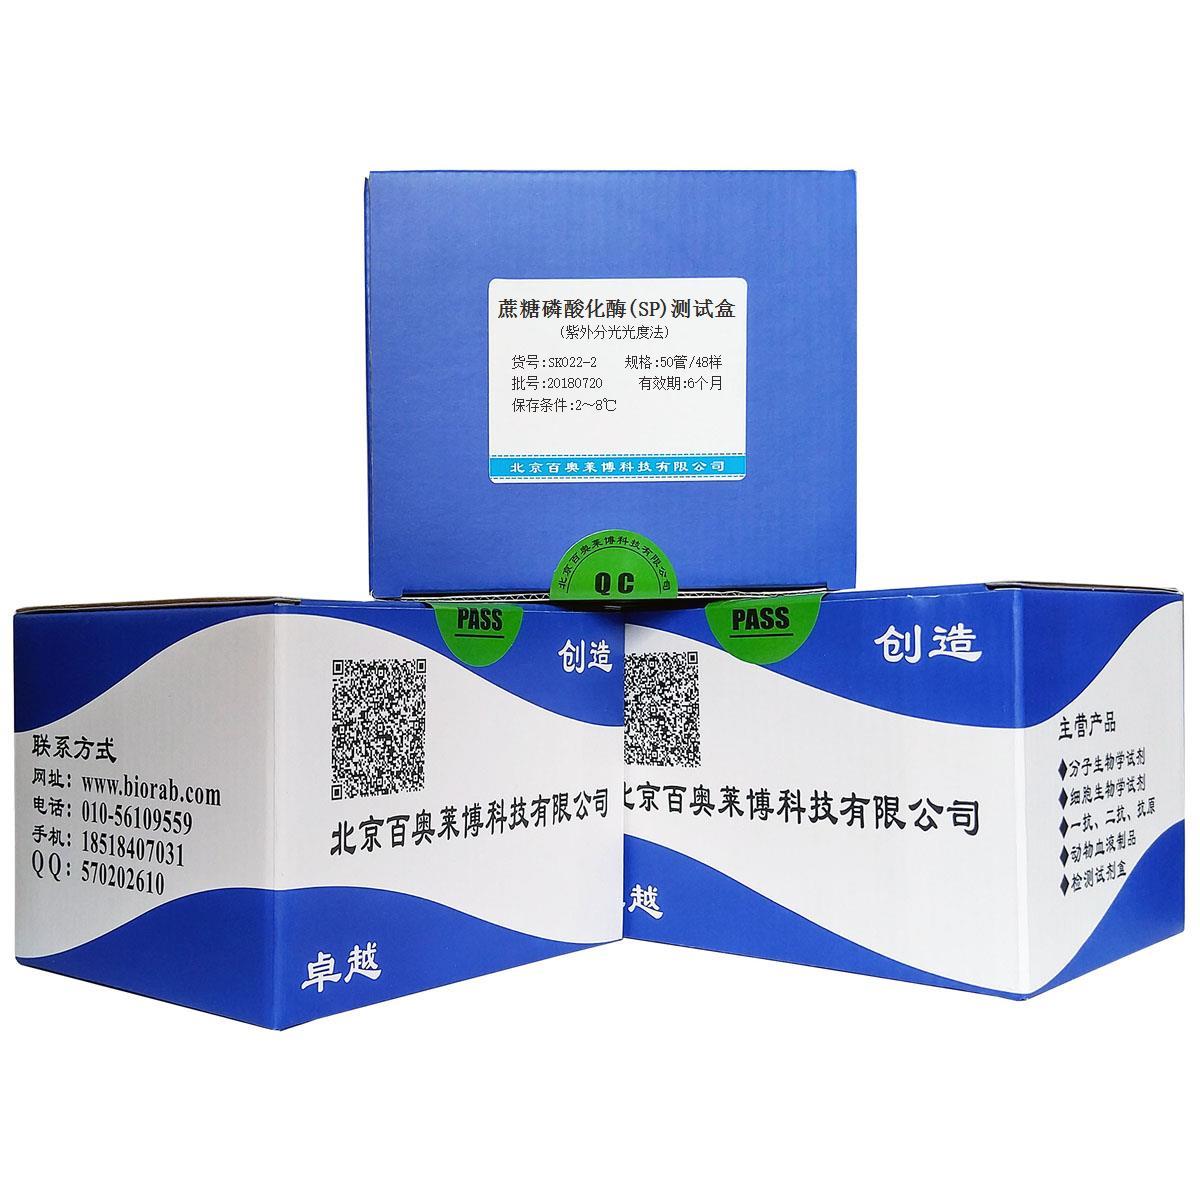 蔗糖磷酸化酶(SP)测试盒(紫外分光光度法)